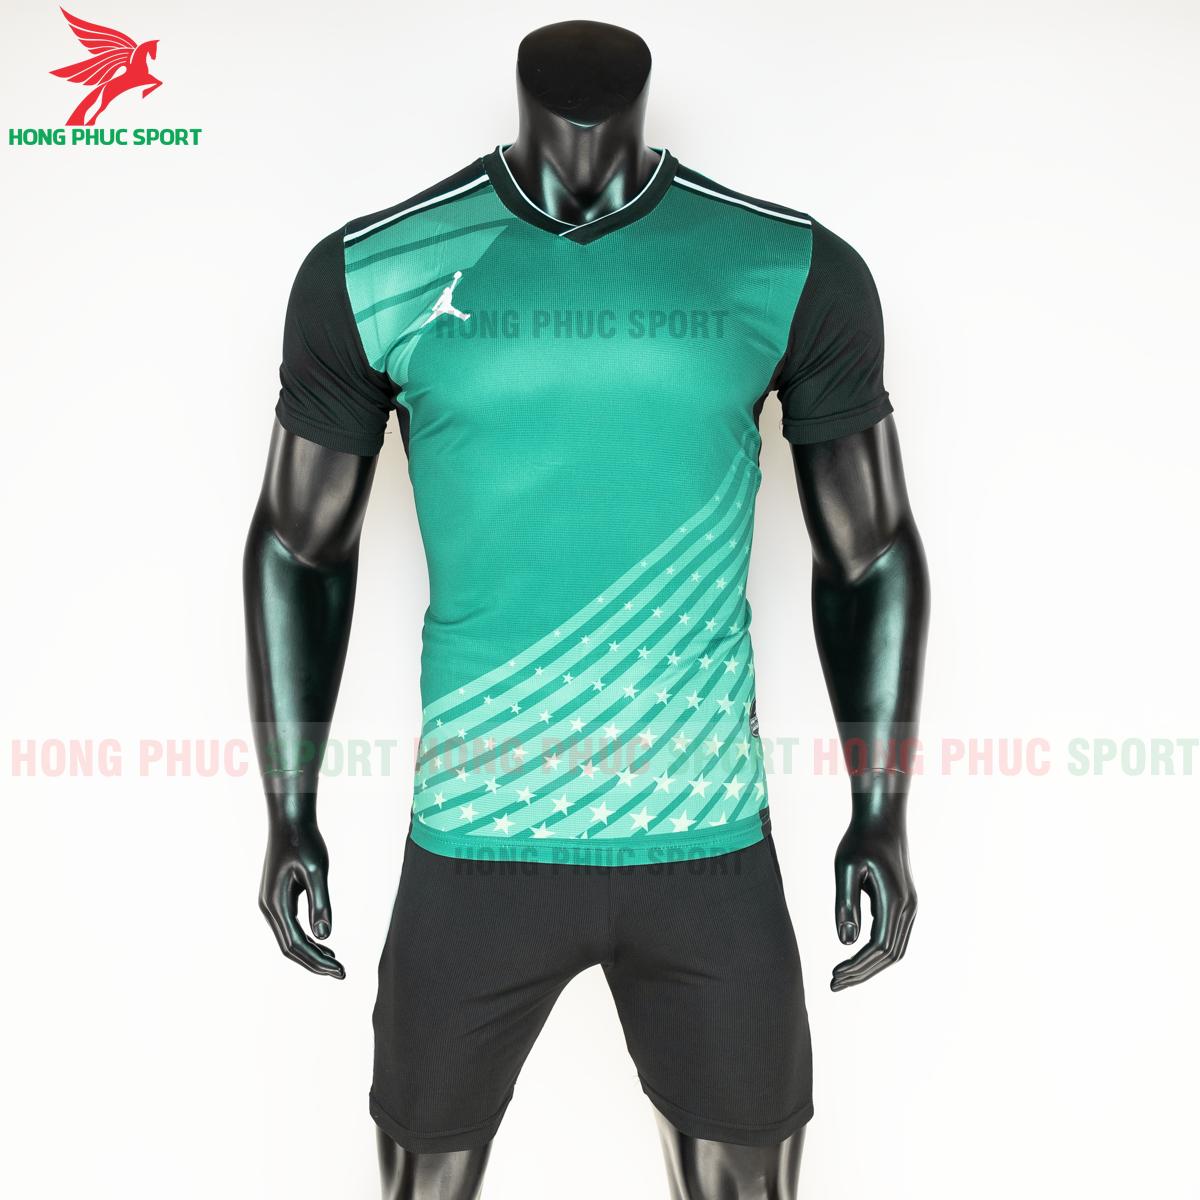 Quần áo bóng chuyền Jordan 2020 mẫu 3 (trước)